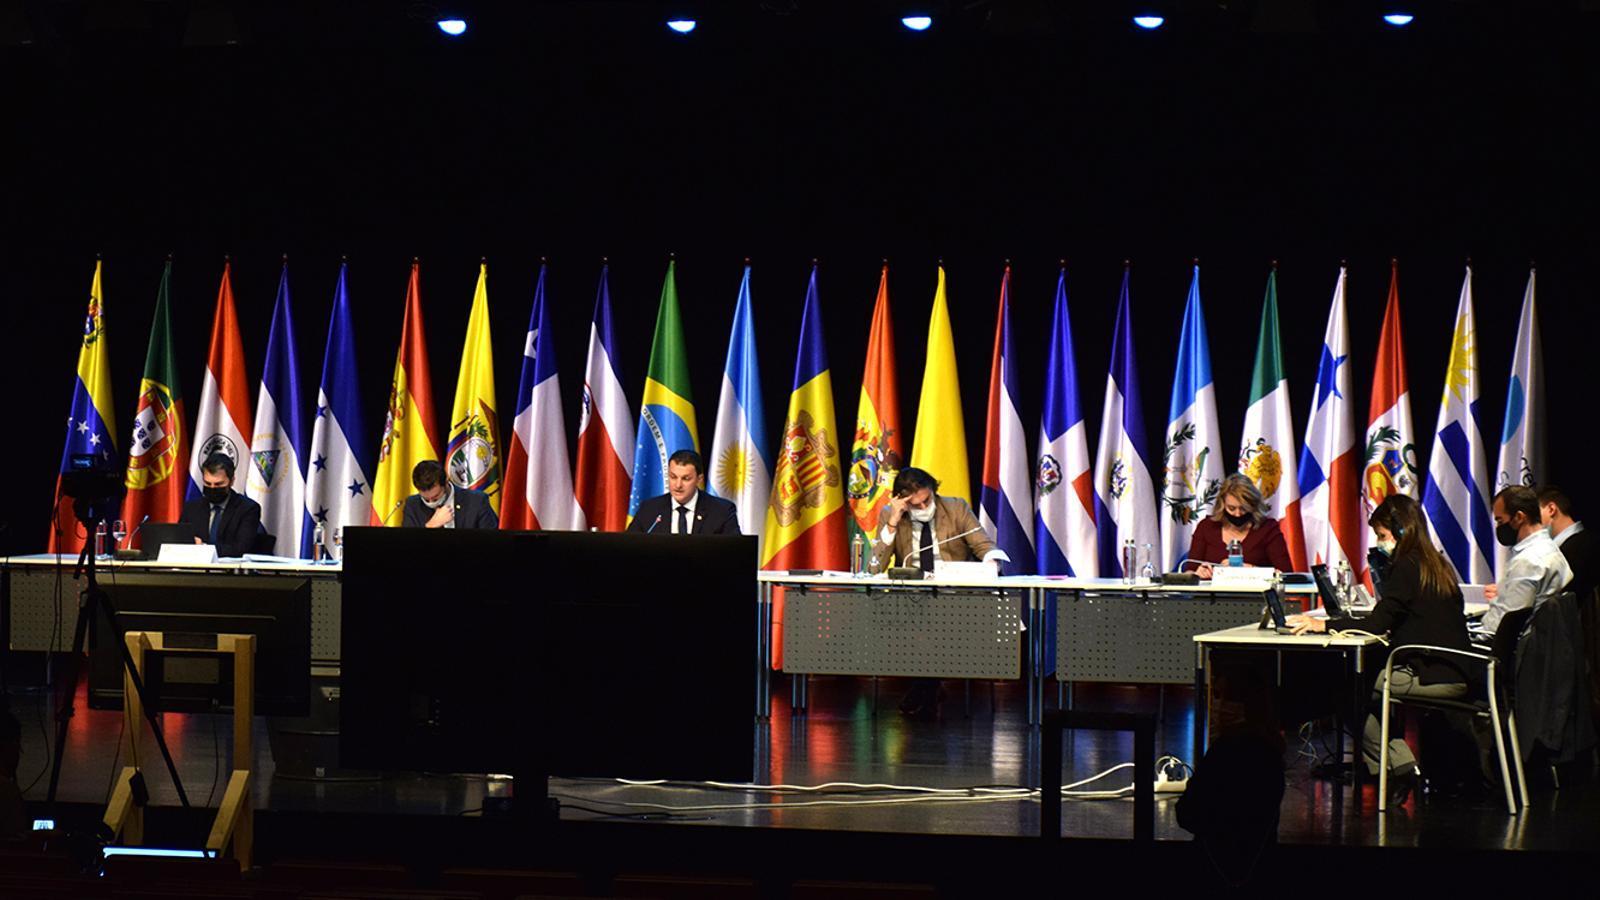 Un moment de la celebració de la IV Reunió de ministres i altes autoritats iberoamericanes de Ciència, Tecnologia i Innovació. / M. F. (ANA)